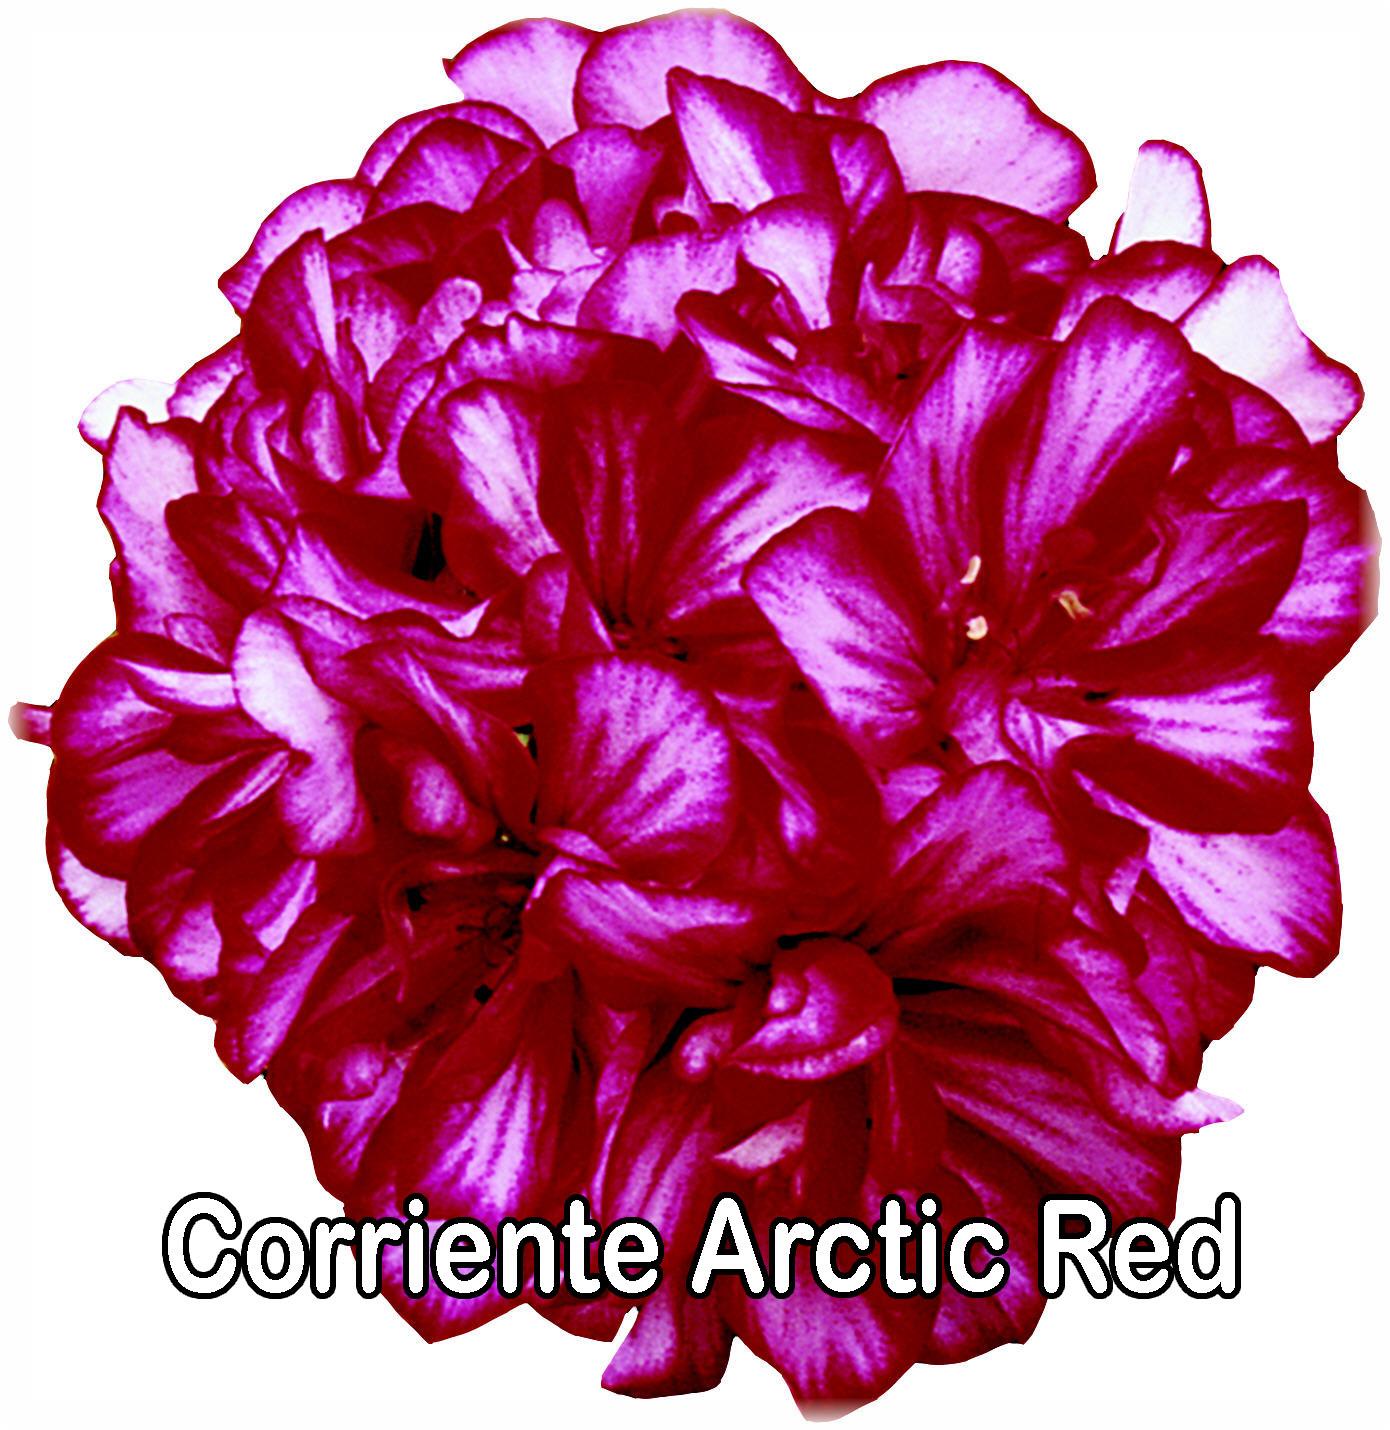 Corriente Arctic Red